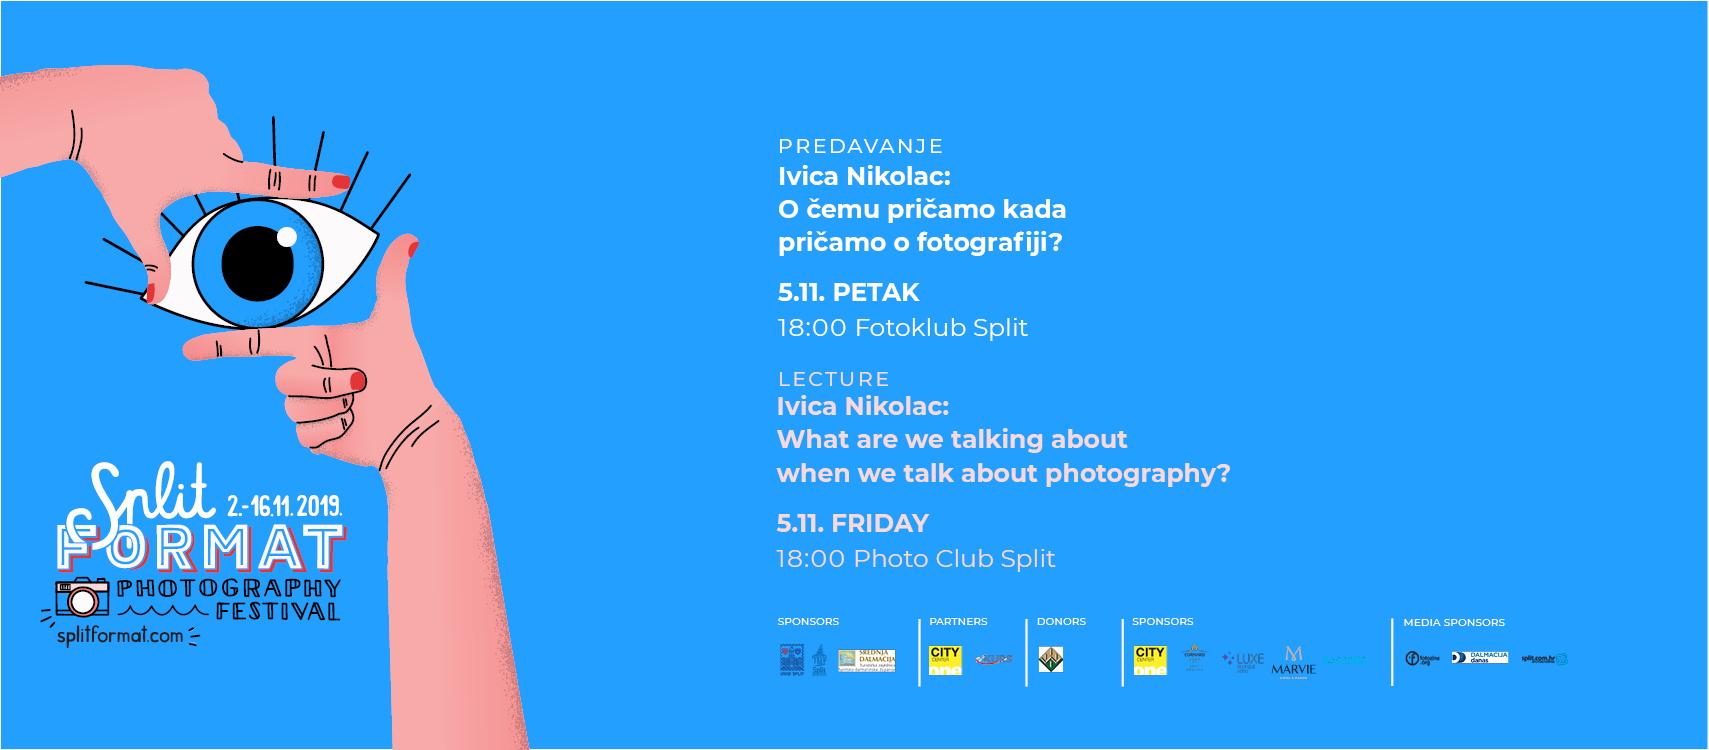 Ivica Nikolac: O čemu pričamo kada pričamo o fotografiji?